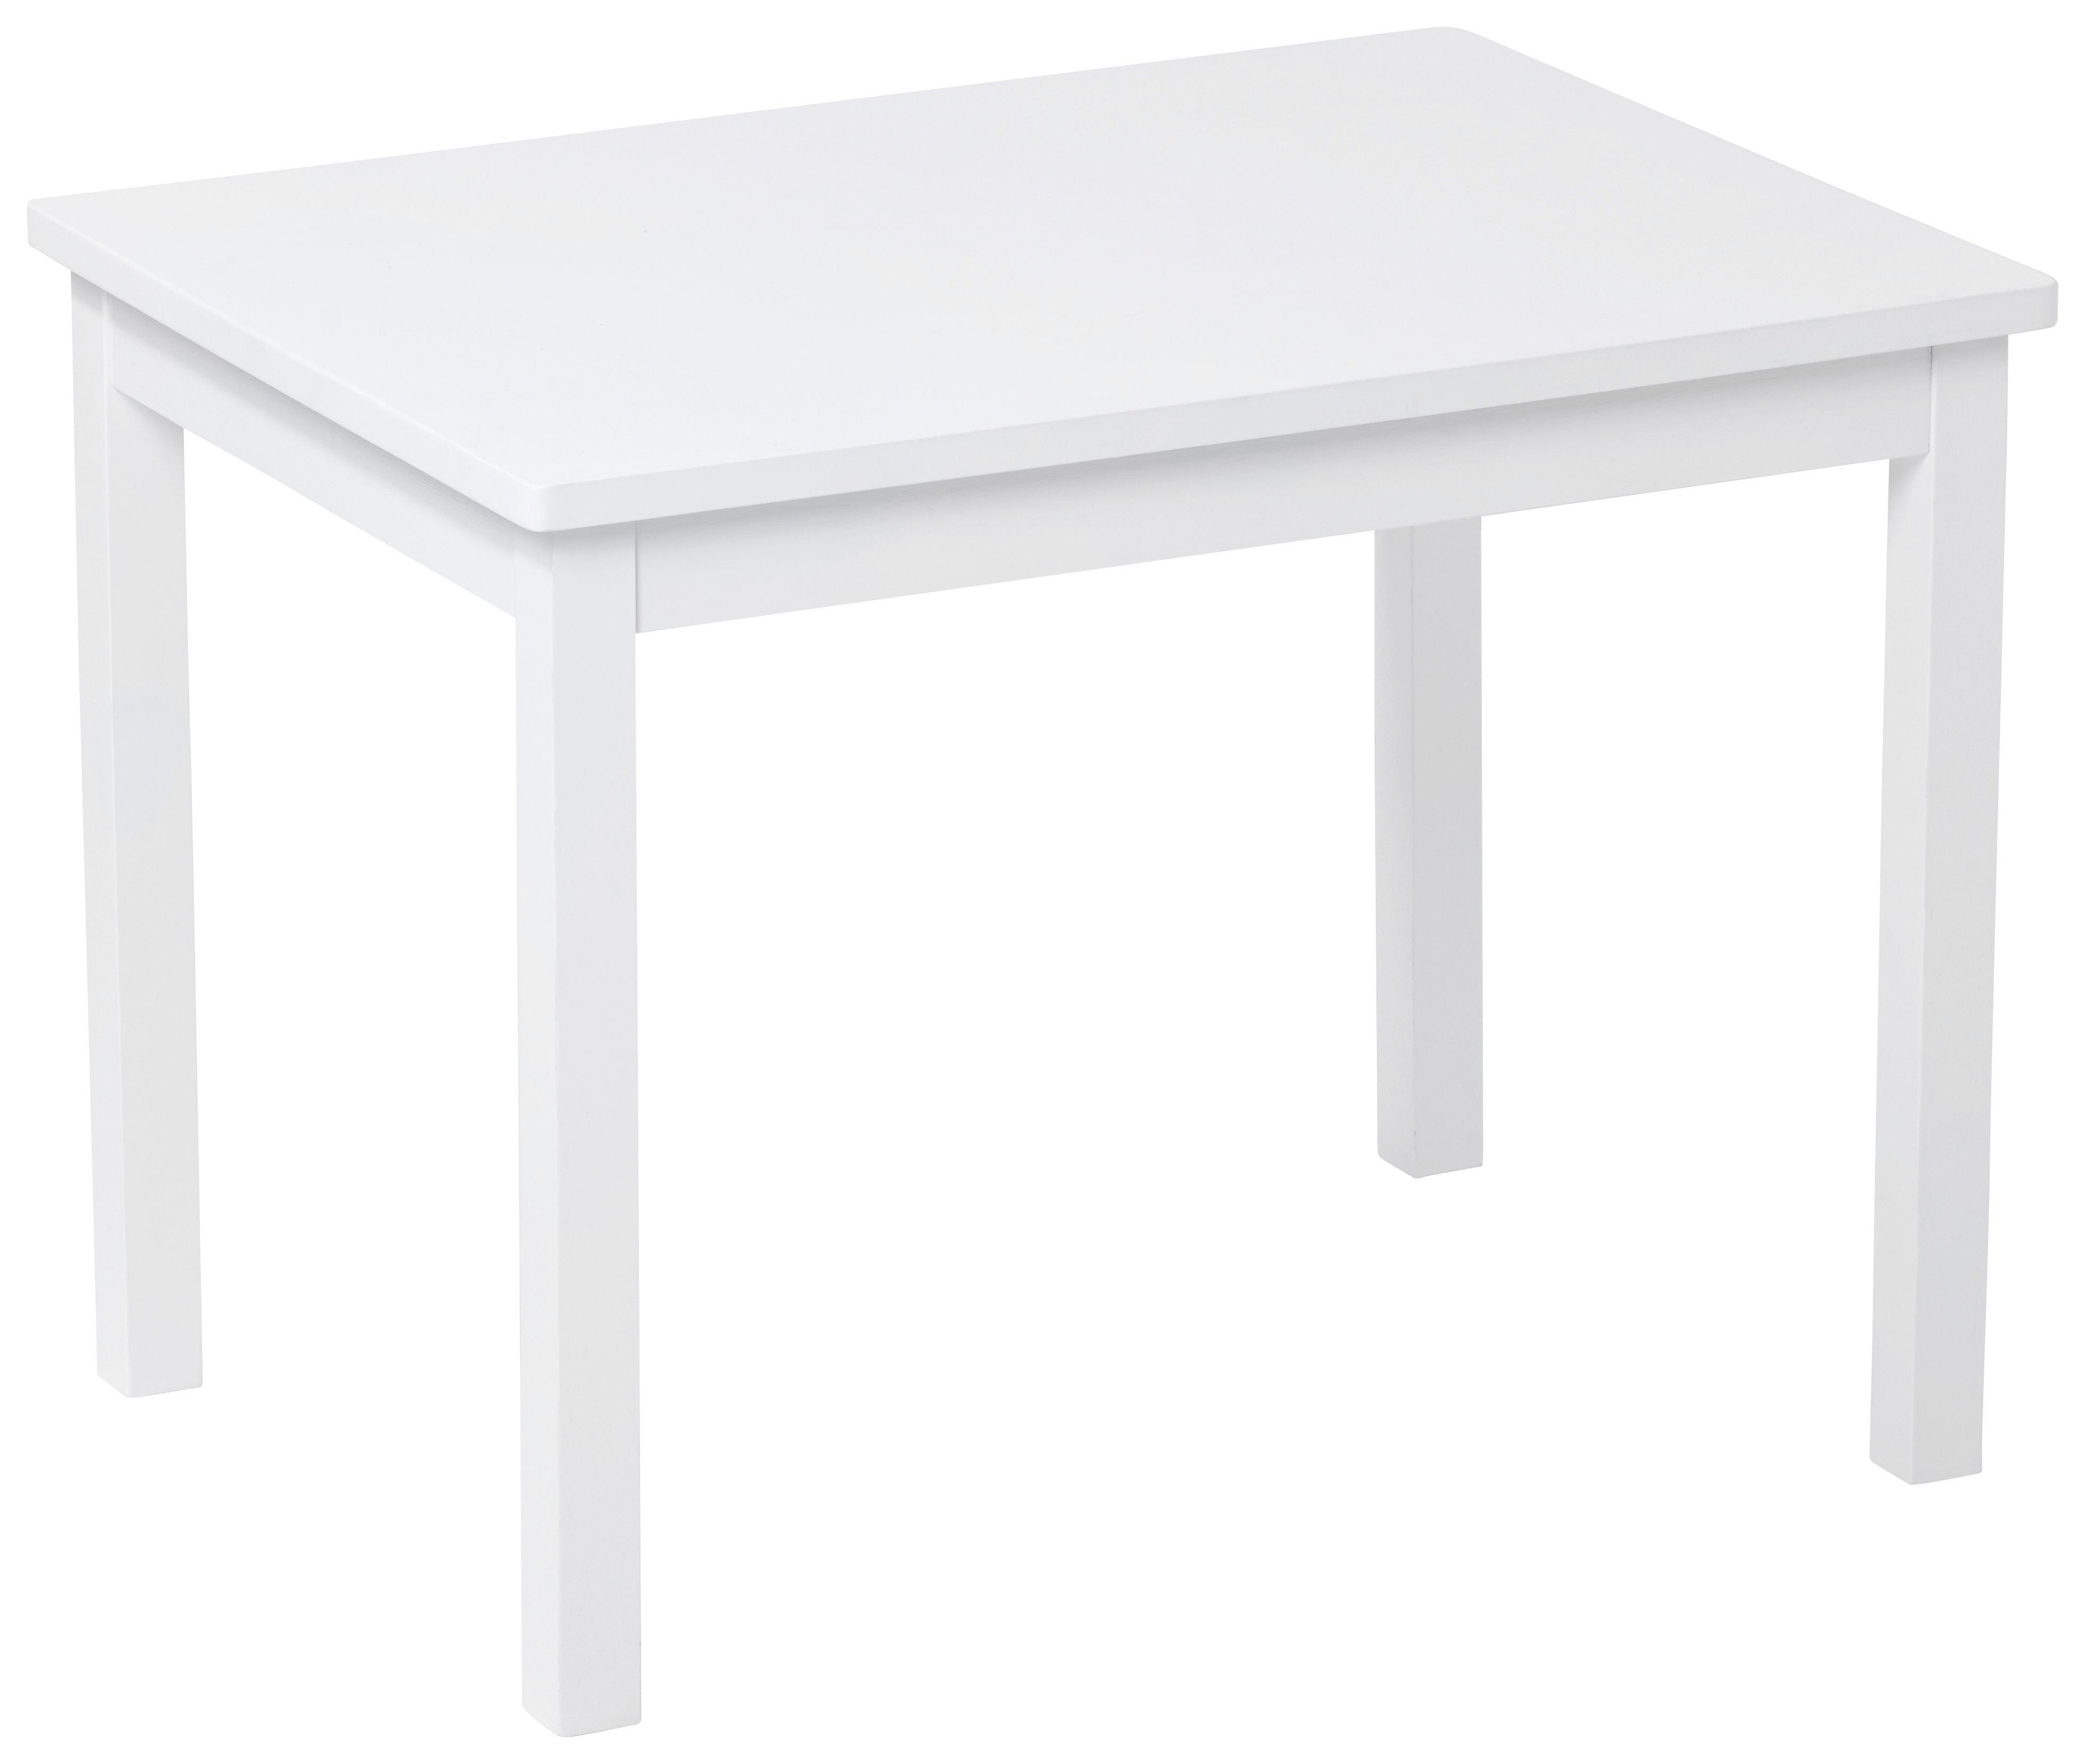 Kindertisch holz  Kindertisch in Weiß, ca. 66,5x50x50cm online kaufen ➤ mömax